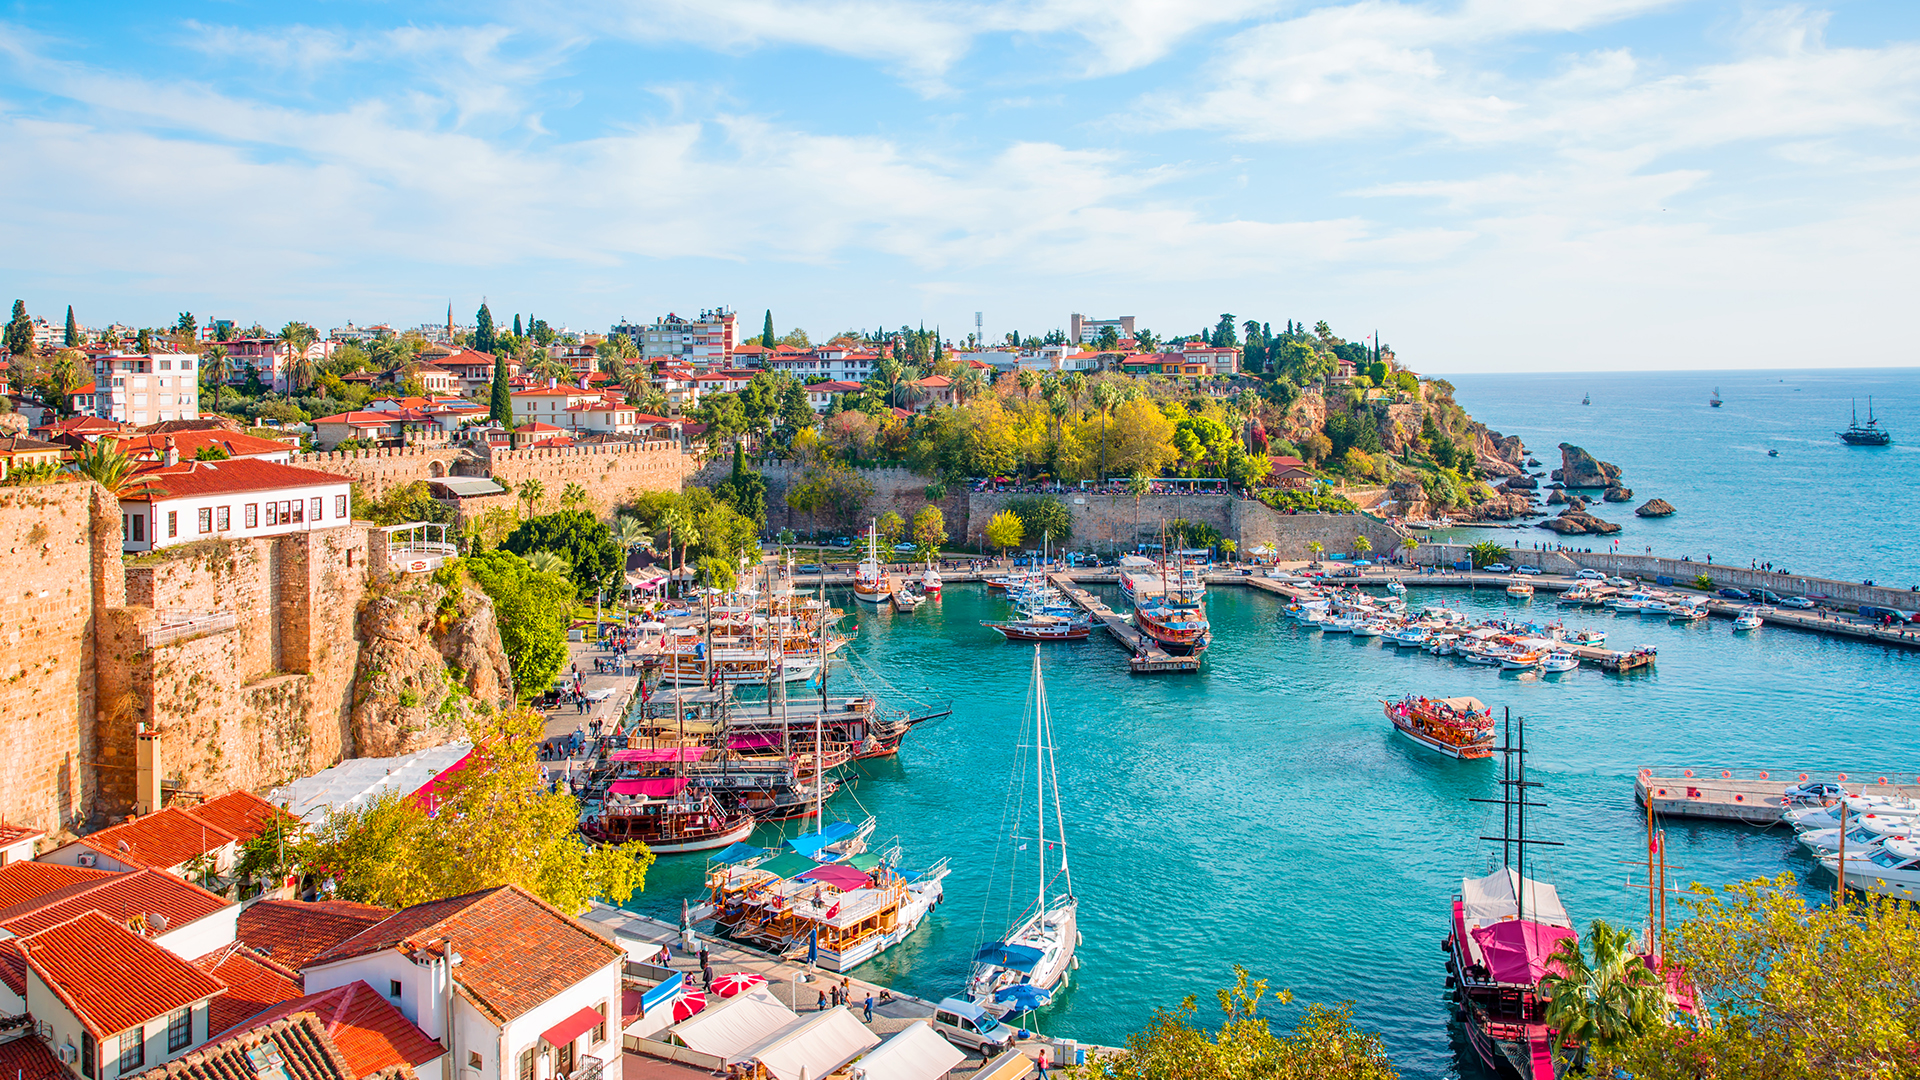 Αττάλεια: Ένας επίγειος παράδεισος στα παράλια της Μεσογείου